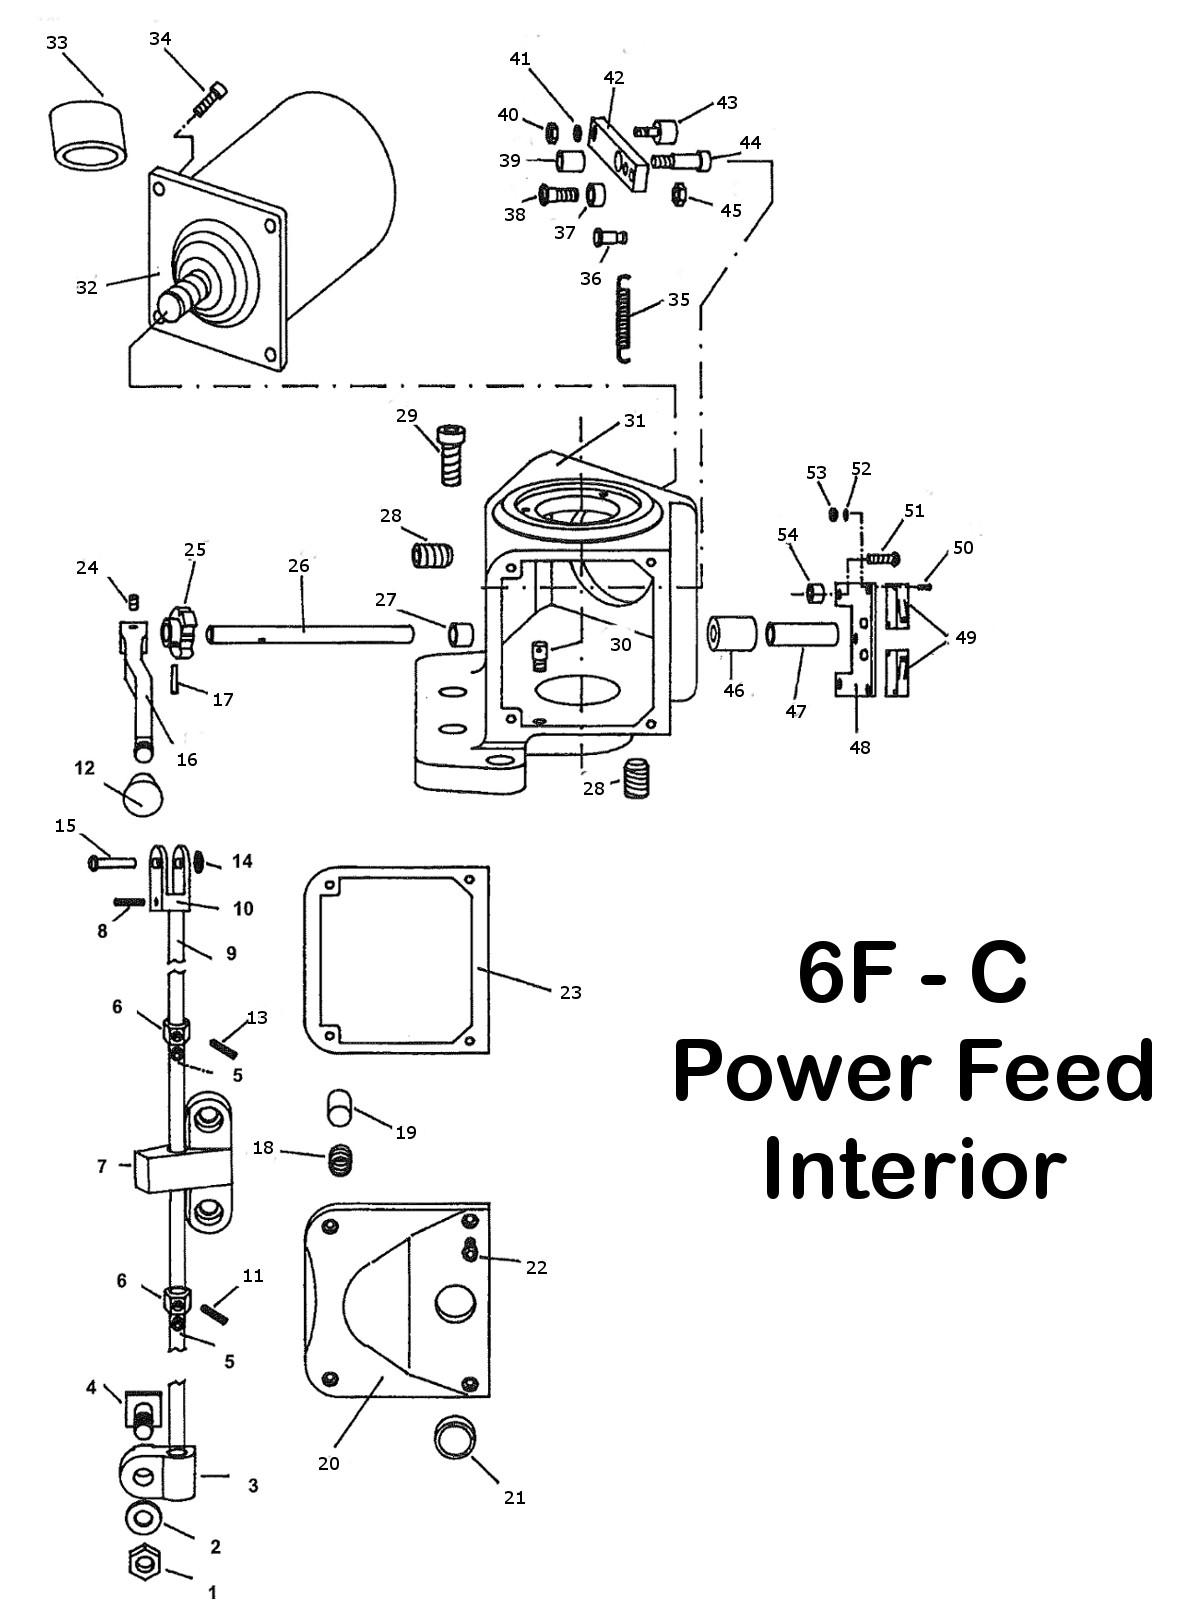 6fc interior1